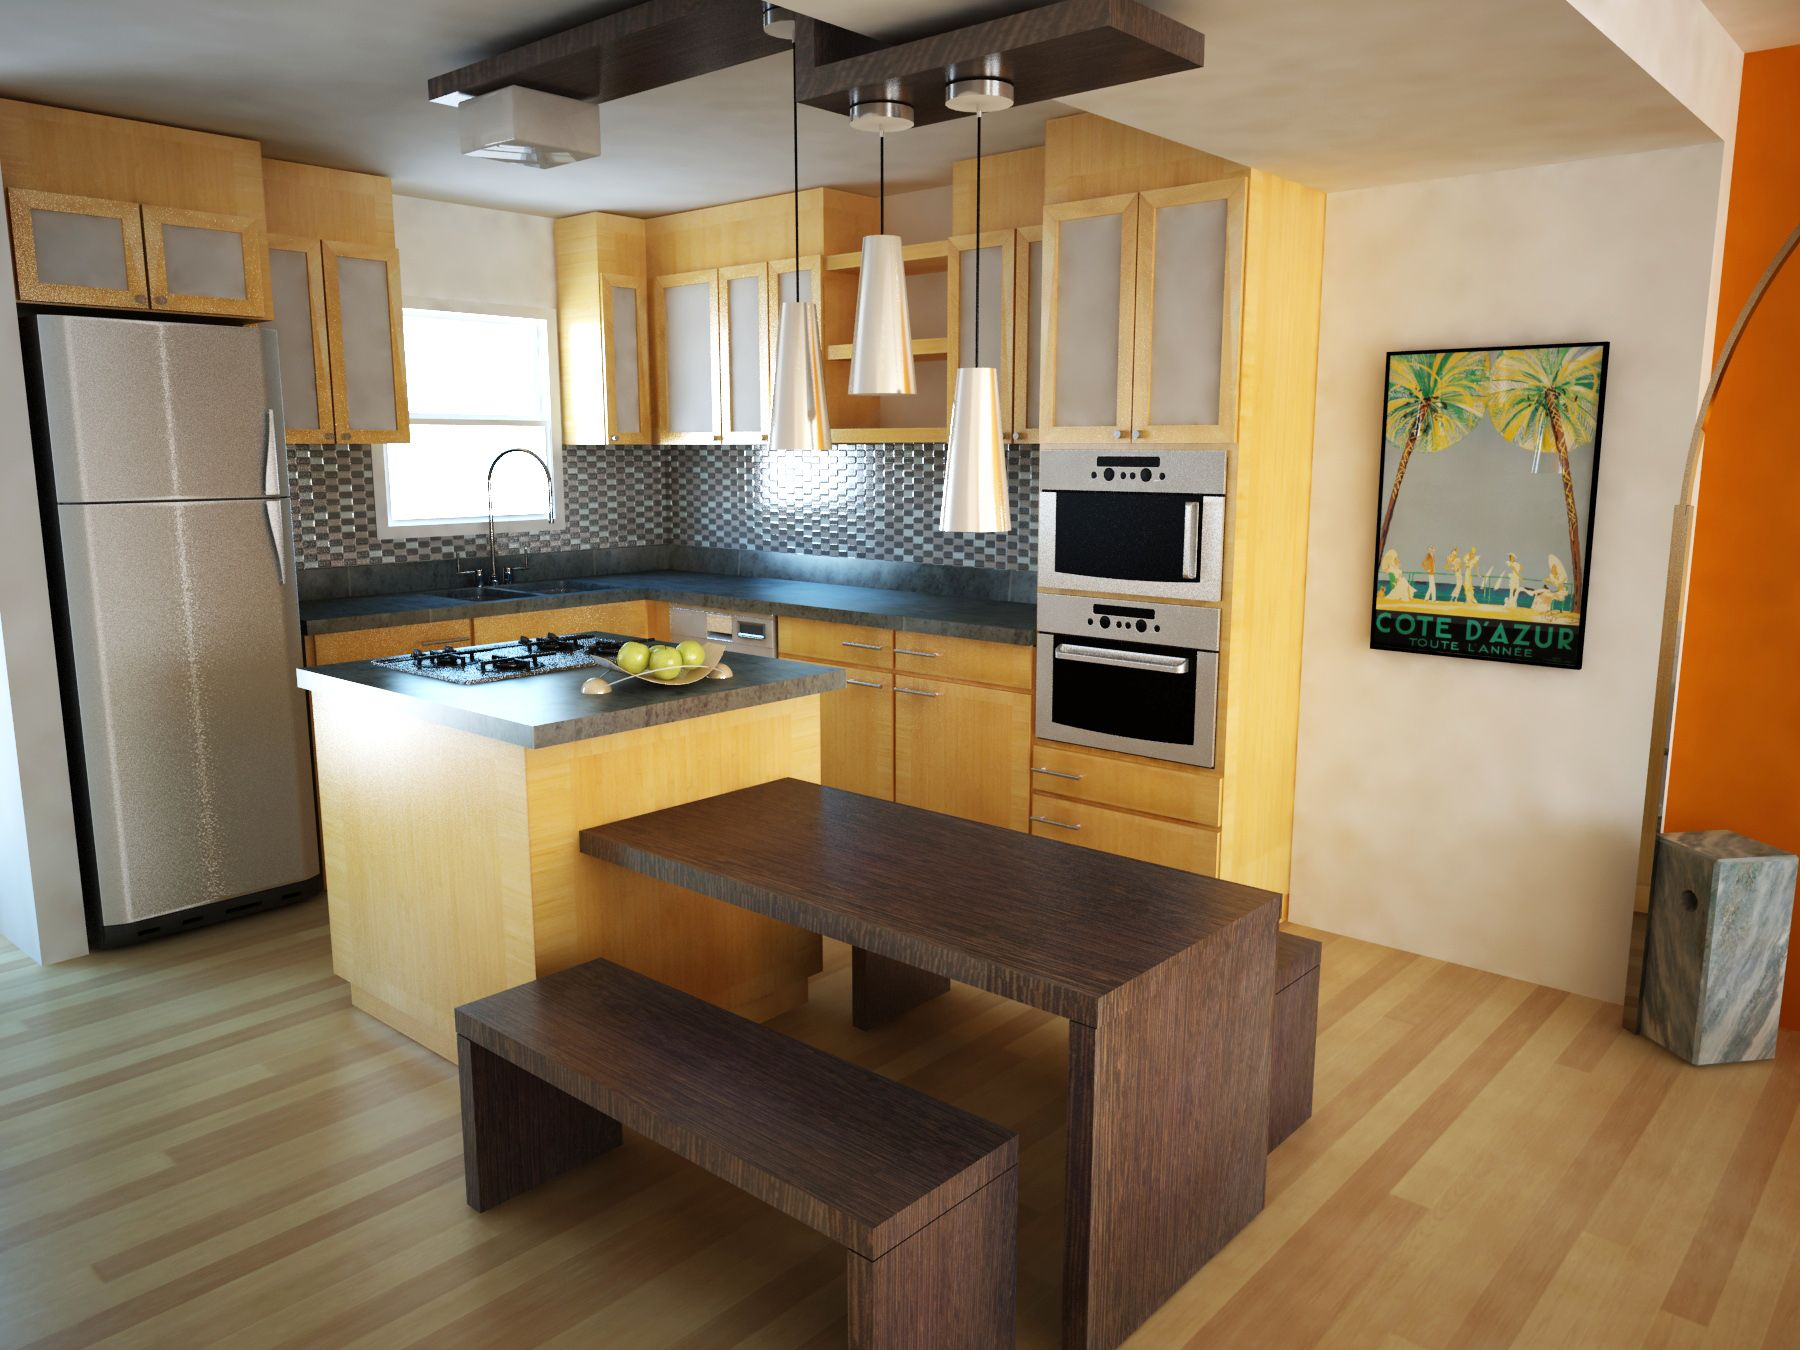 Küche Reno Ideen Für Kleine Küchen Kleine Haus Küche Interieur ...